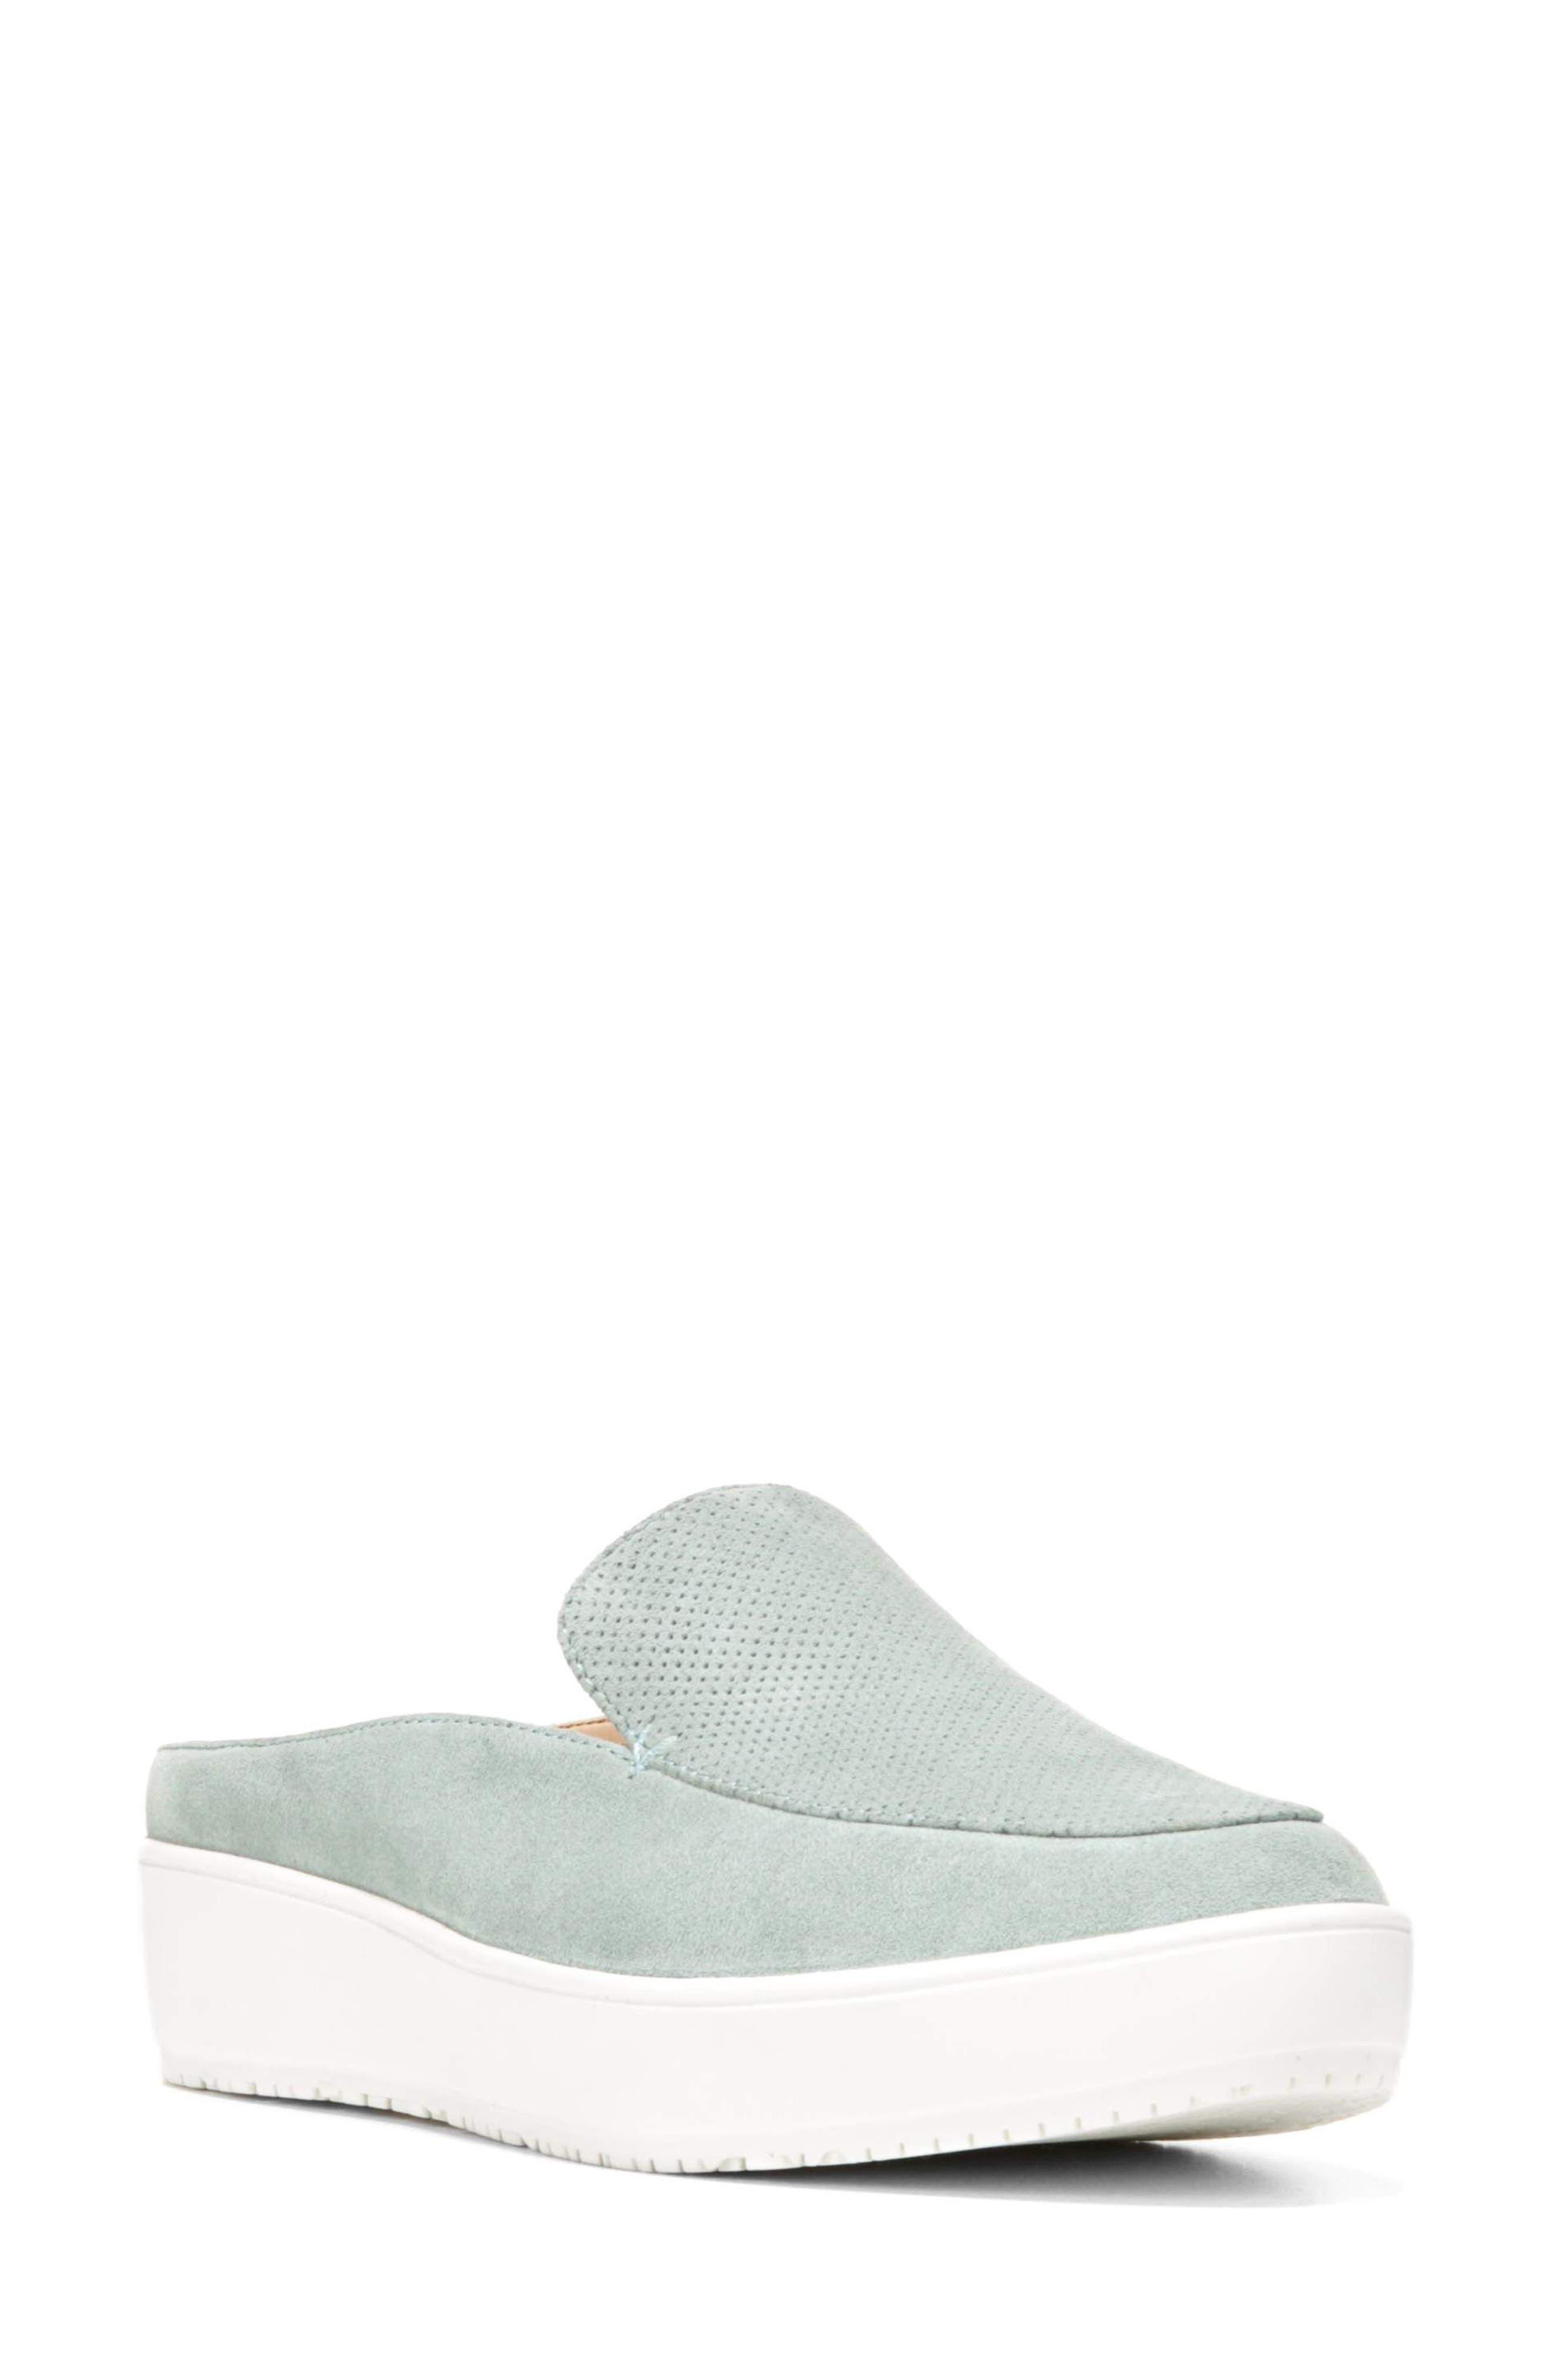 Dr. Scholl's Blake Slip-On Sneaker (Women)